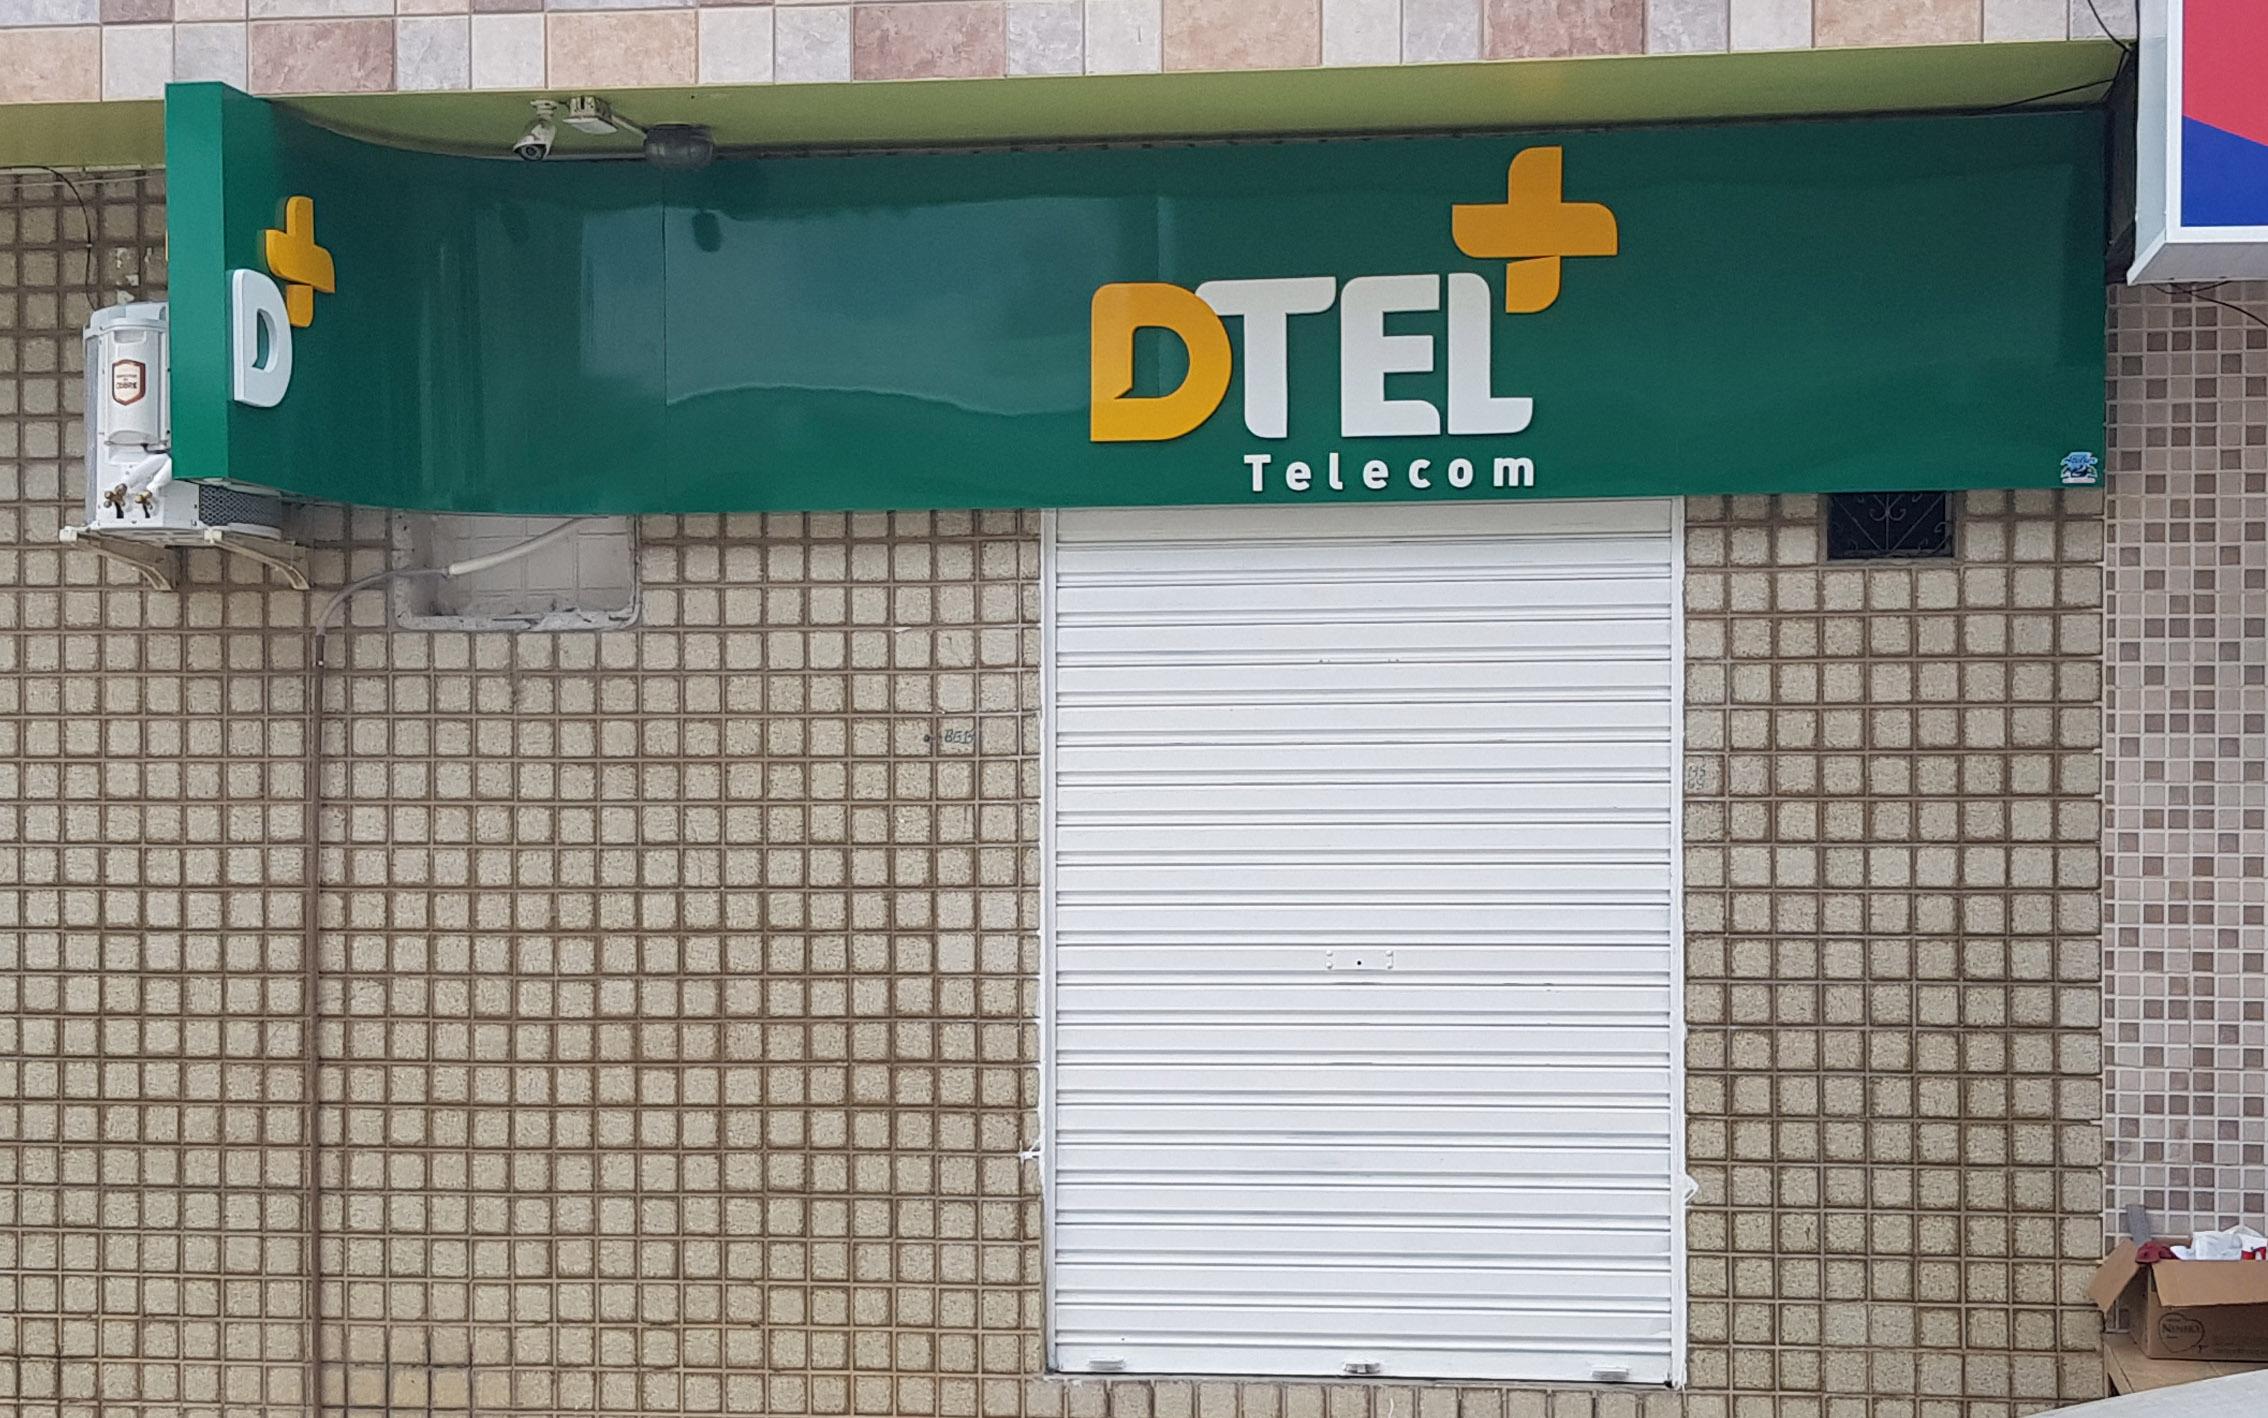 https://0201.nccdn.net/1_2/000/000/143/258/Atelier2-Dtel-Telecom-Barra2.jpg